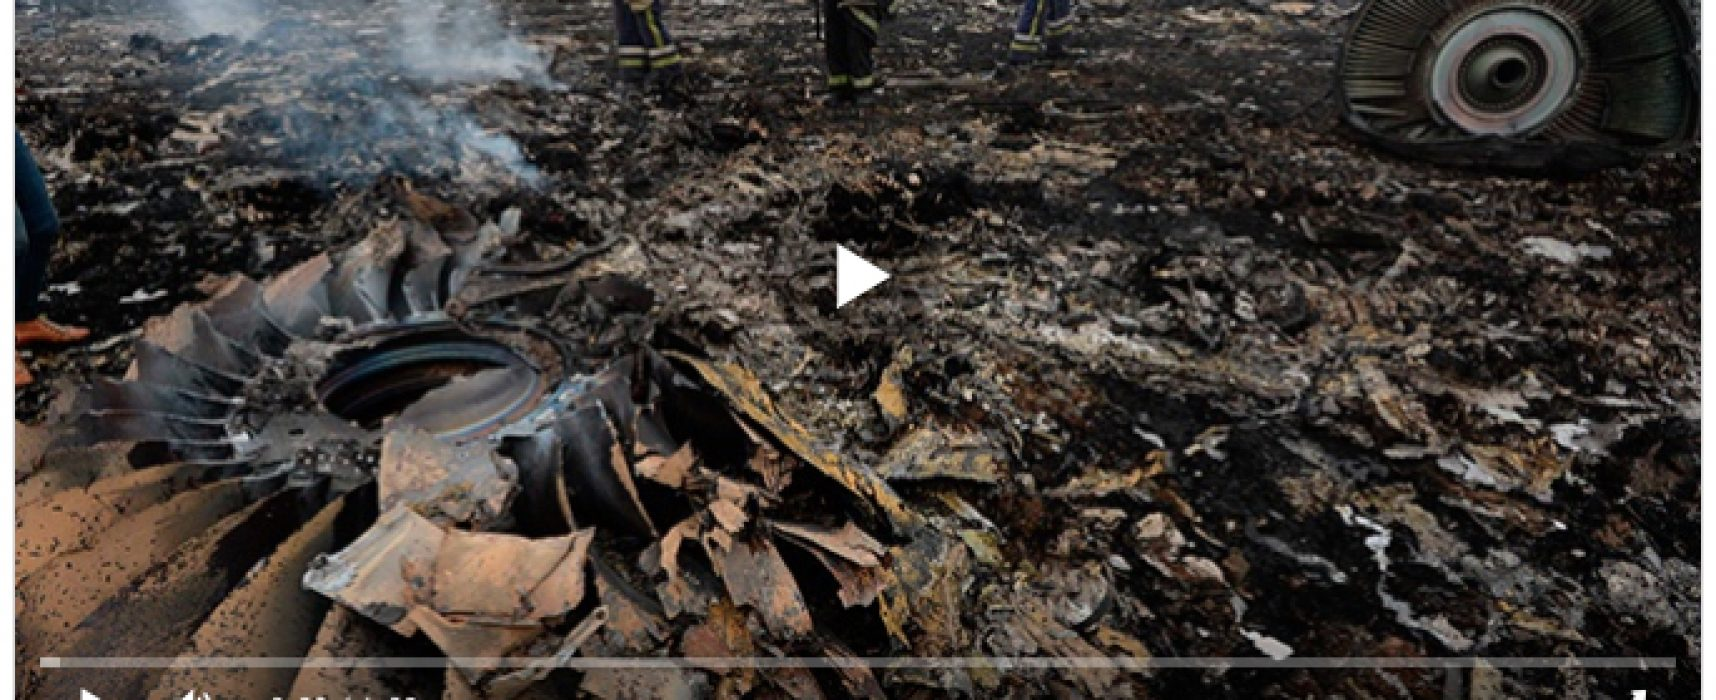 Comment les médias russes ont-ils réagi au nouveau rapport d'enquête sur la catastrophe du MH17